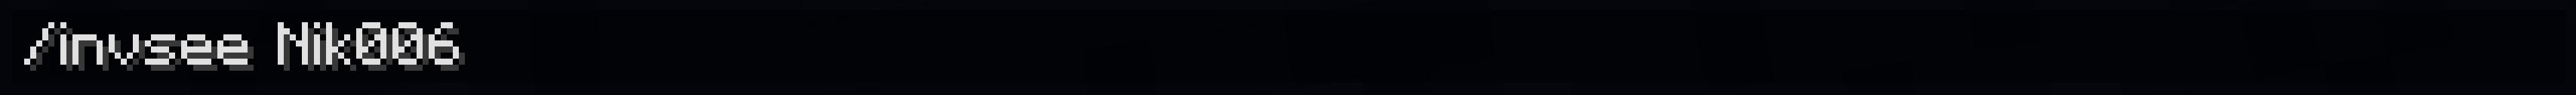 Comando InvSee: ecco finalmente Come Vedere L'Inventario Di Un Player In Minecraft.